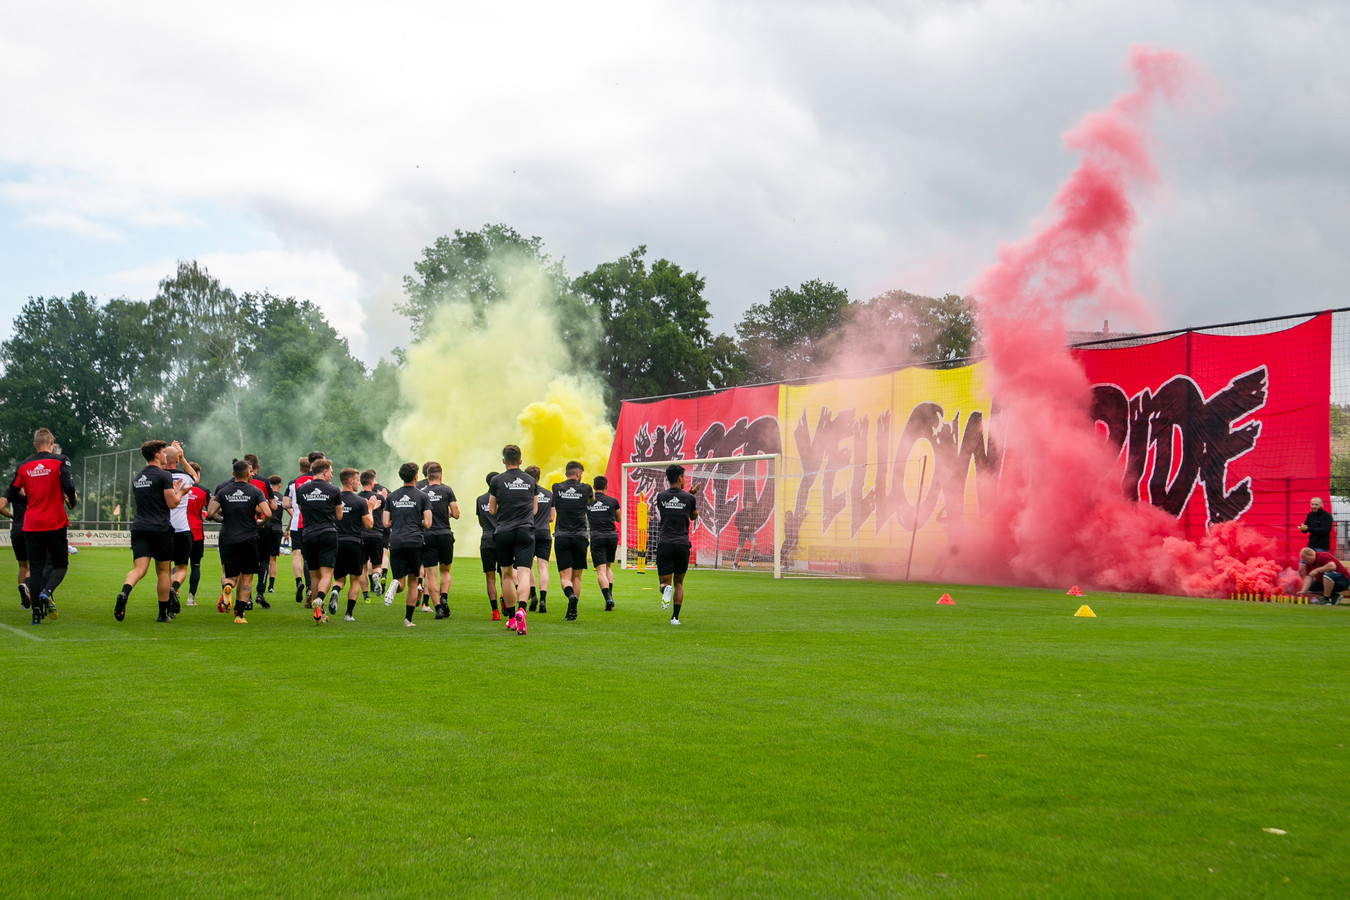 De sfeervolle Woldermarck in Terwolde bij aftrap van seizoen voor GA Eagles.